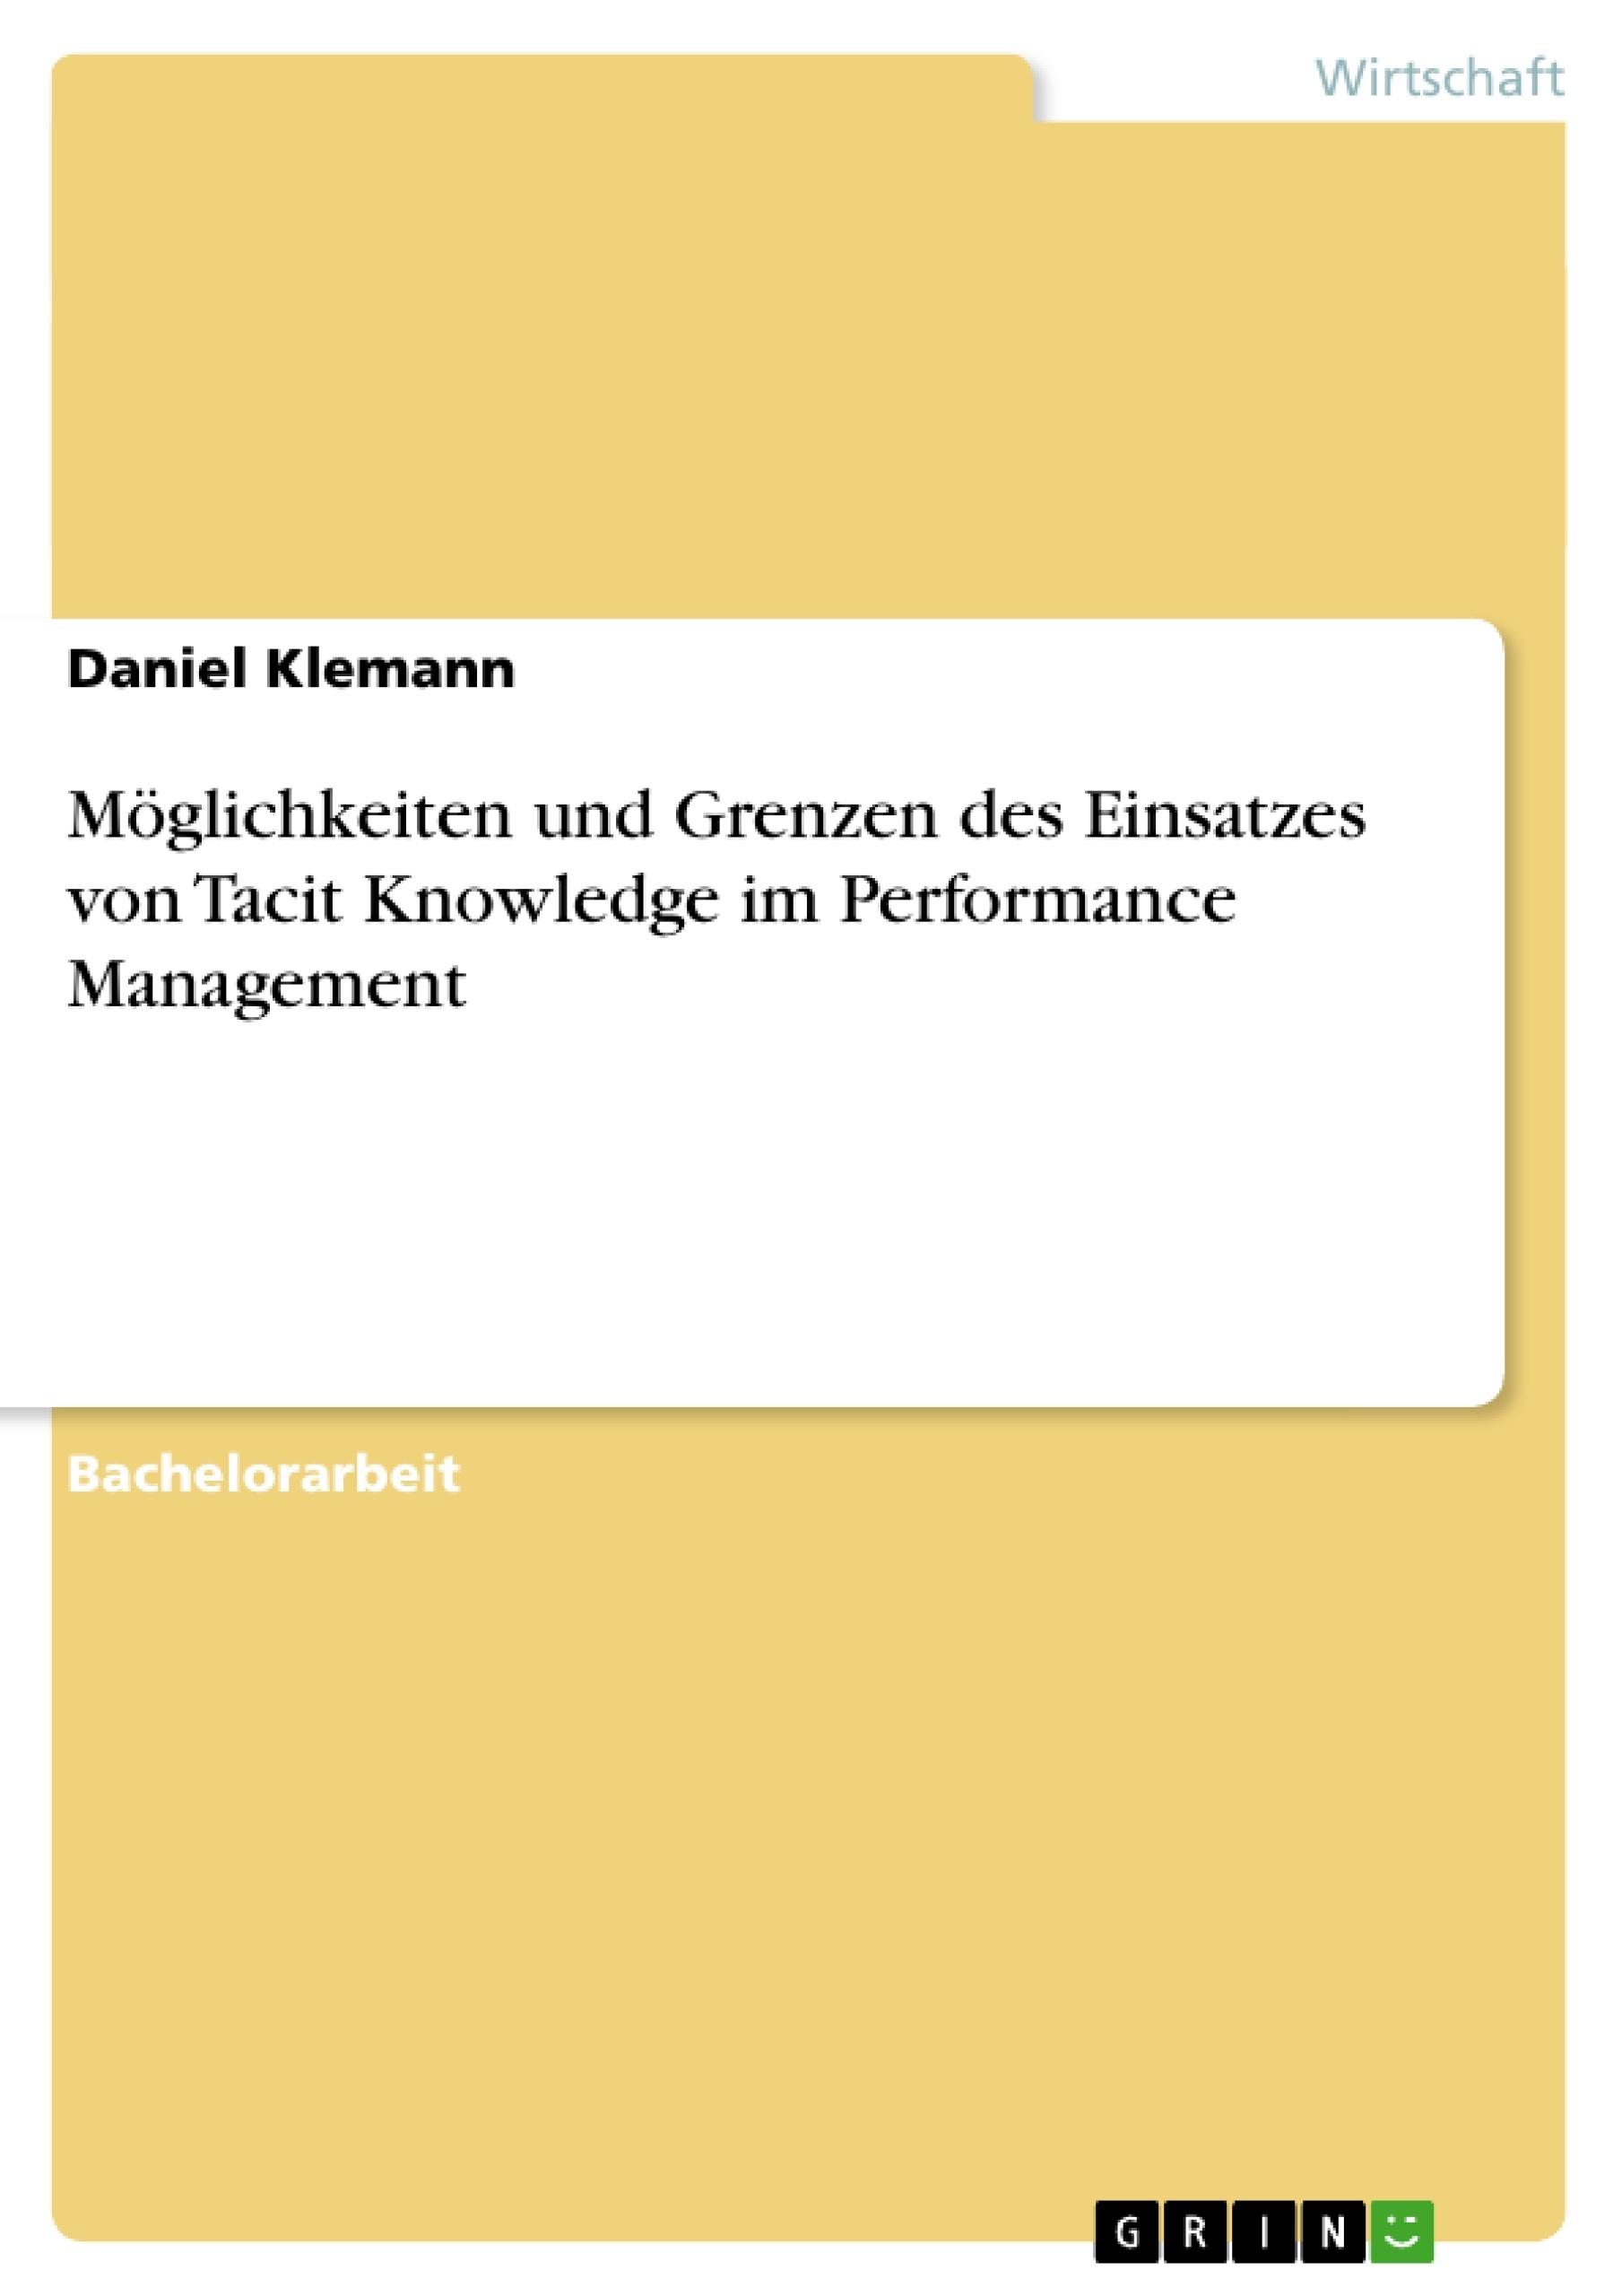 Titel: Möglichkeiten und Grenzen des Einsatzes von Tacit Knowledge im Performance Management